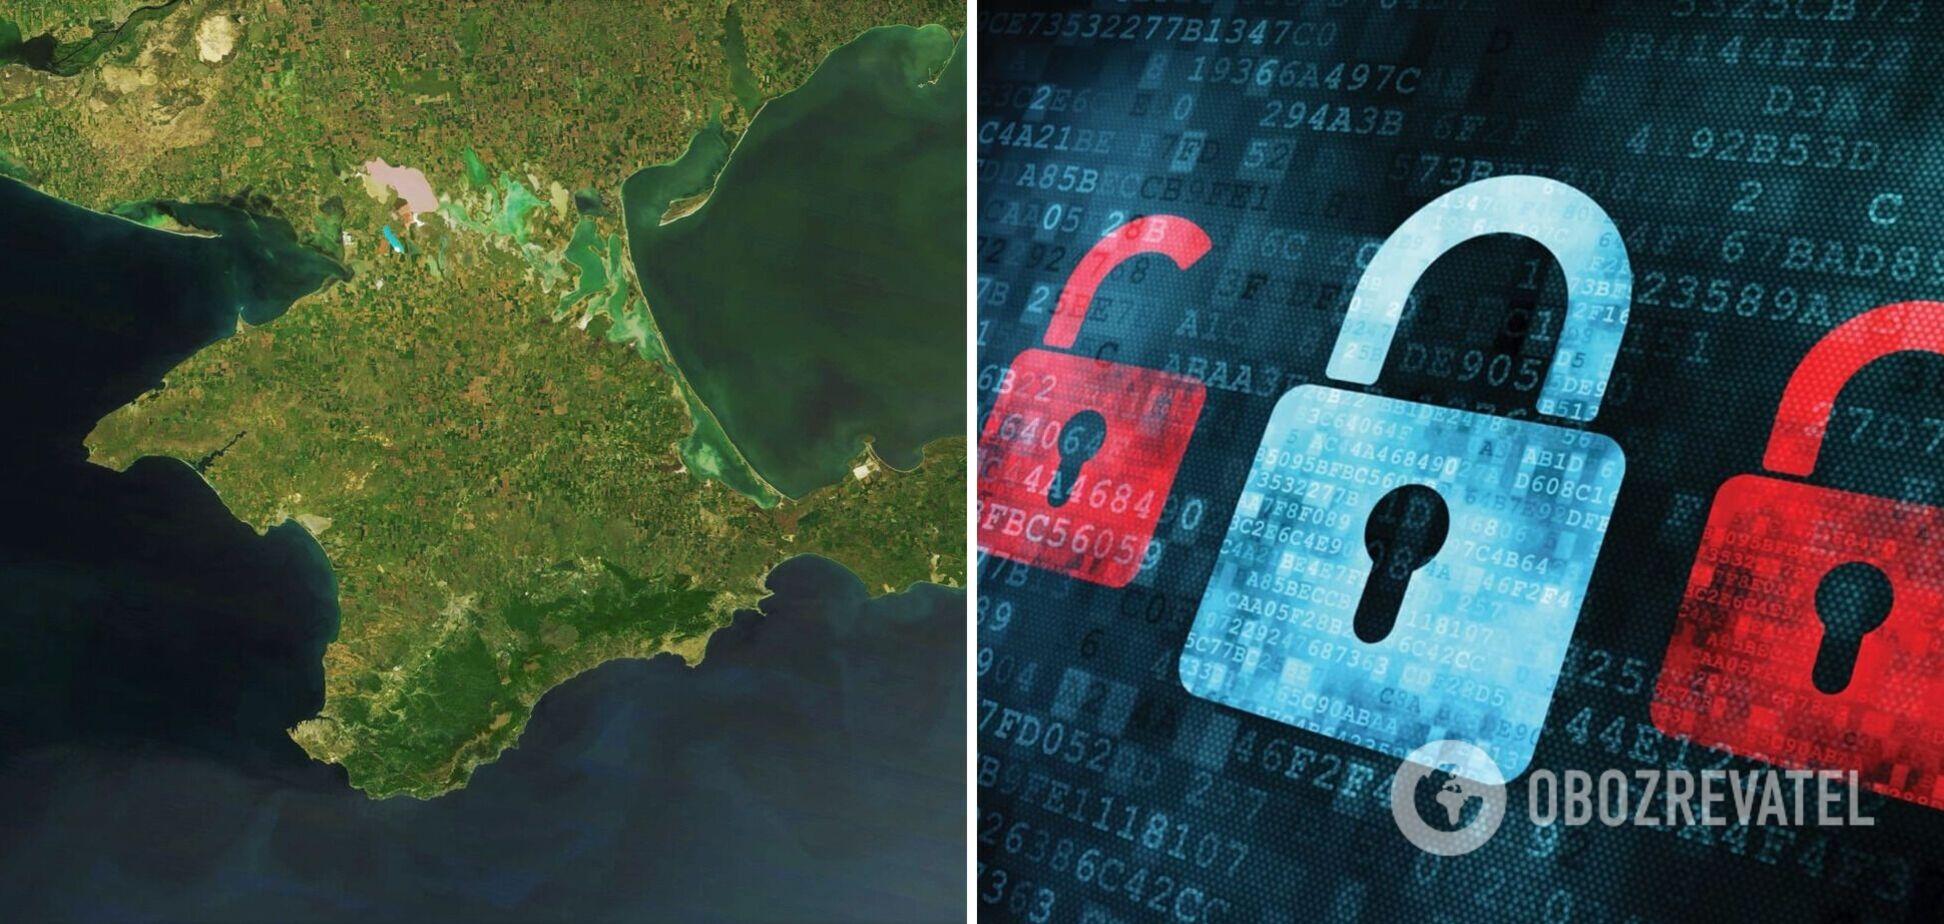 В Крыму заблокировали доступ к более 20 украинским сайтам. Список